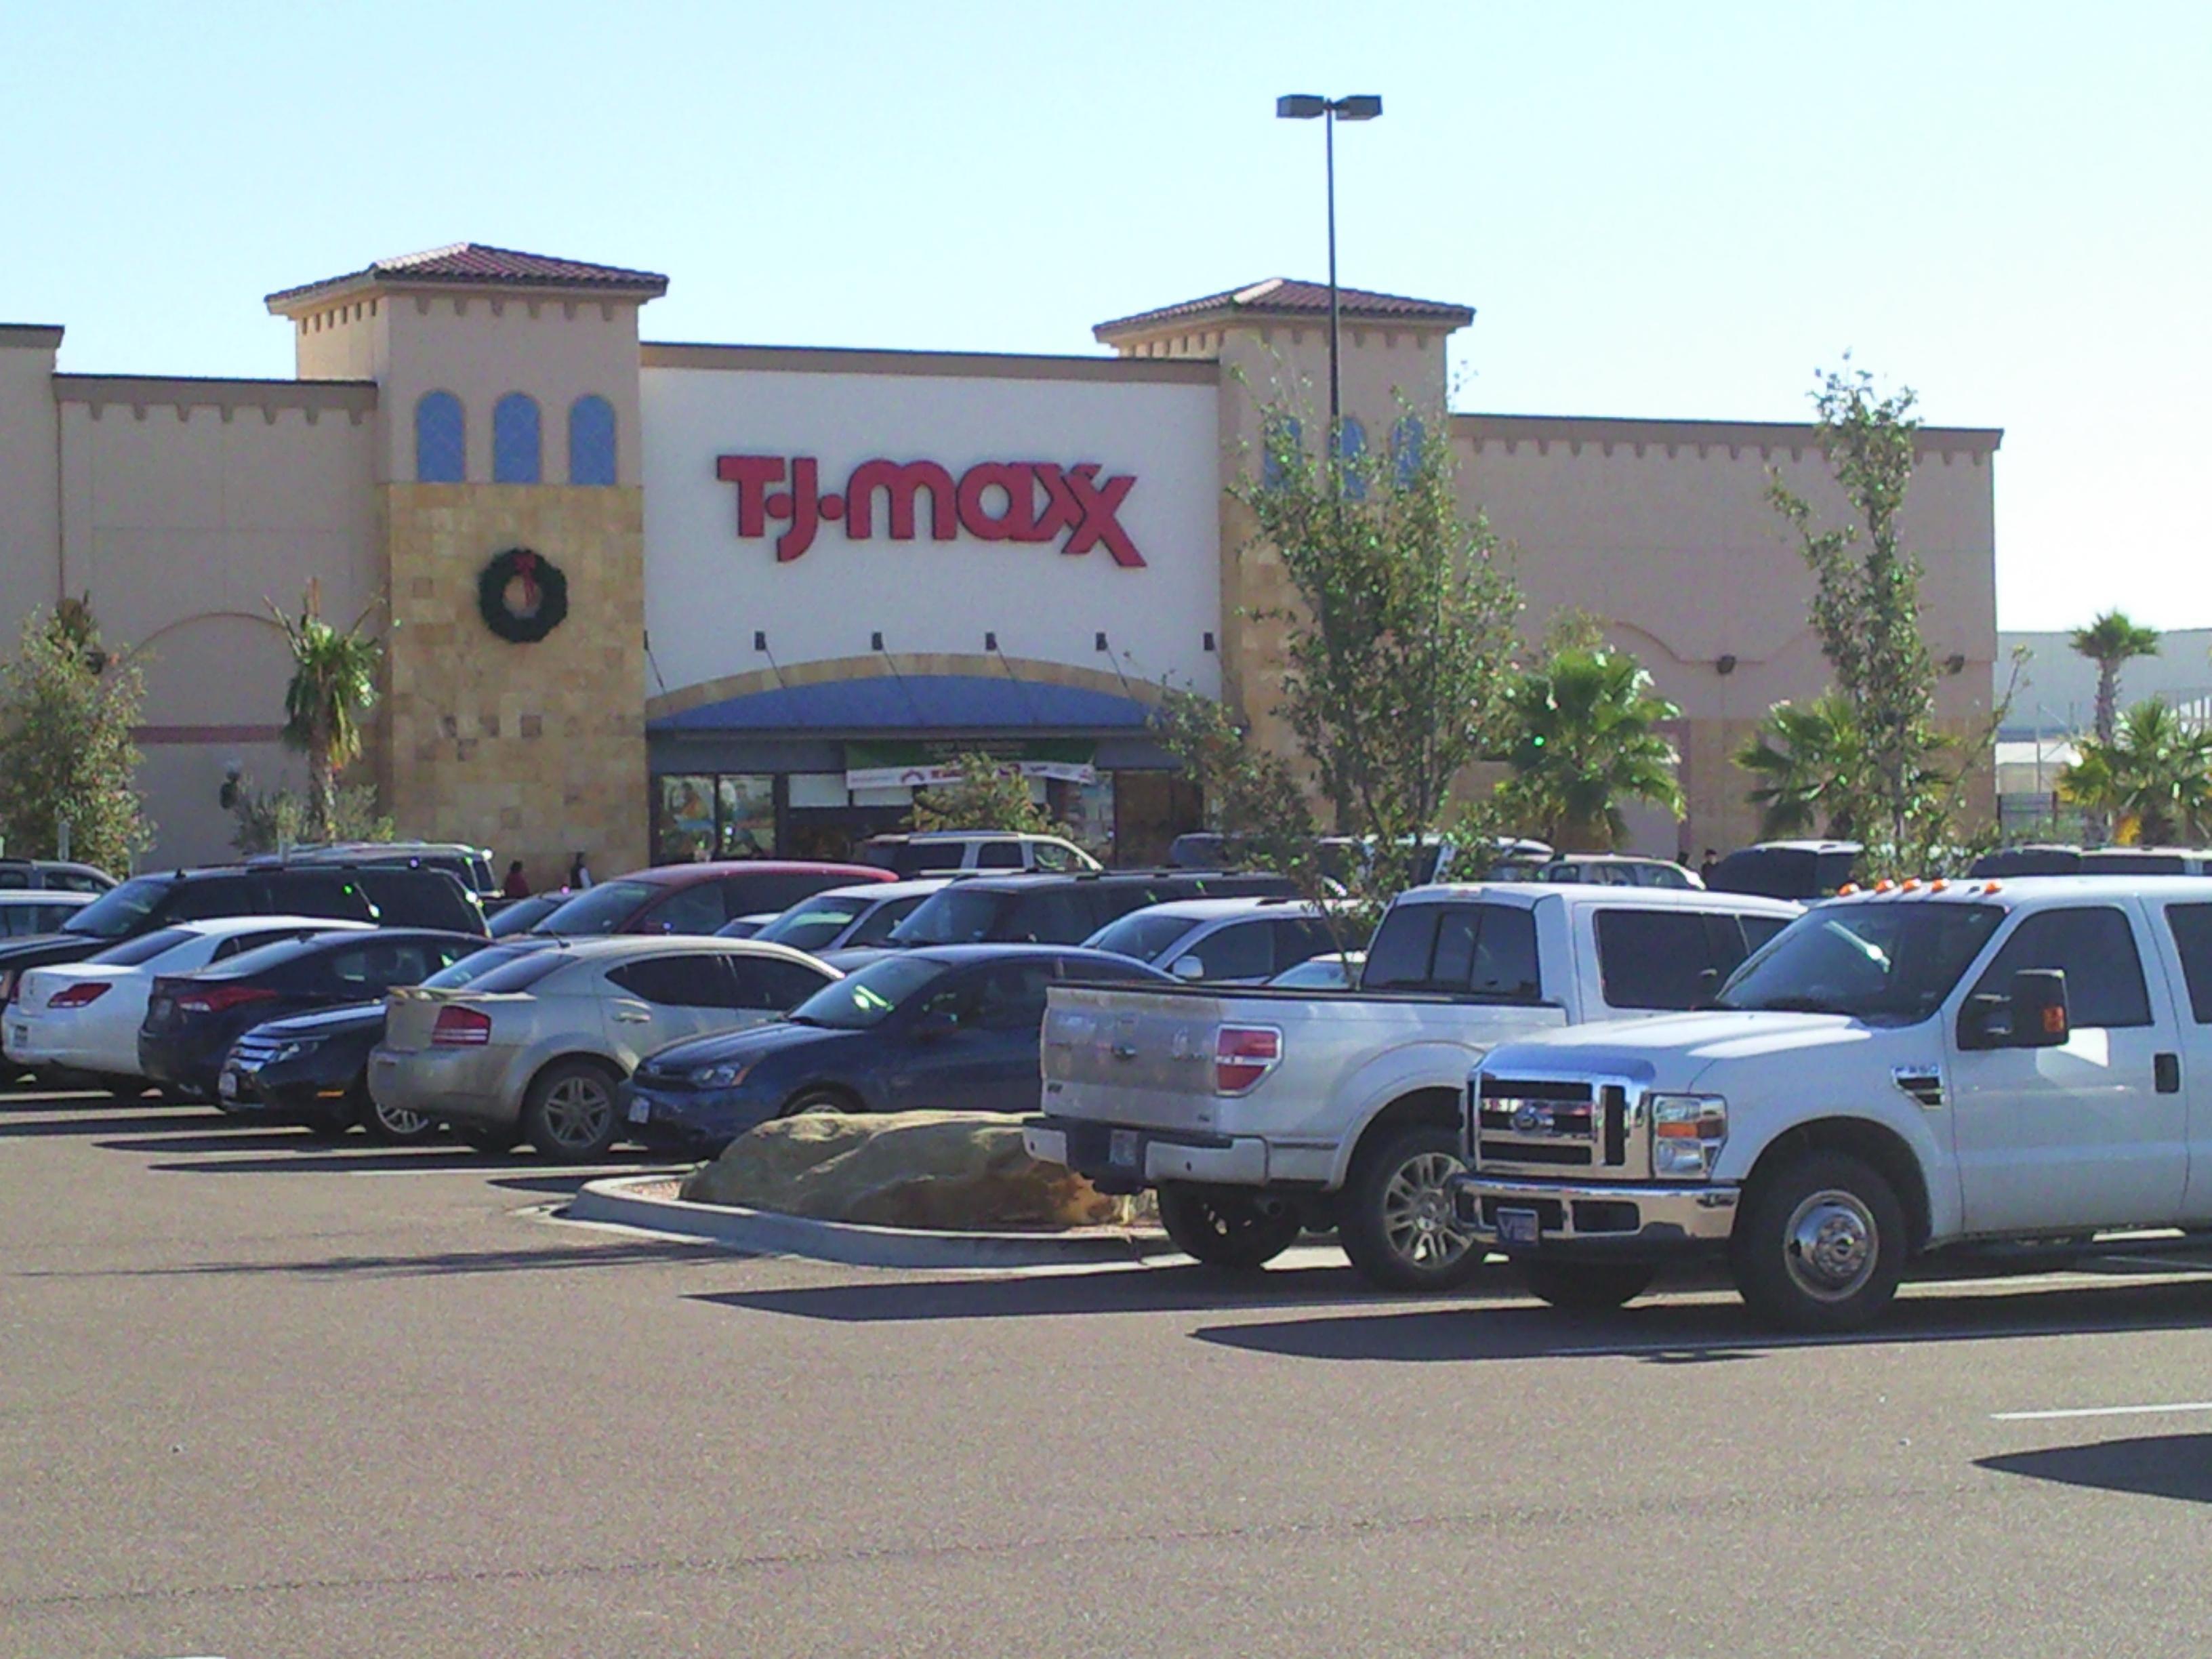 Best Buy and TJ Maxx: A Re-Tale Of Two Merchants   Seeking Alpha